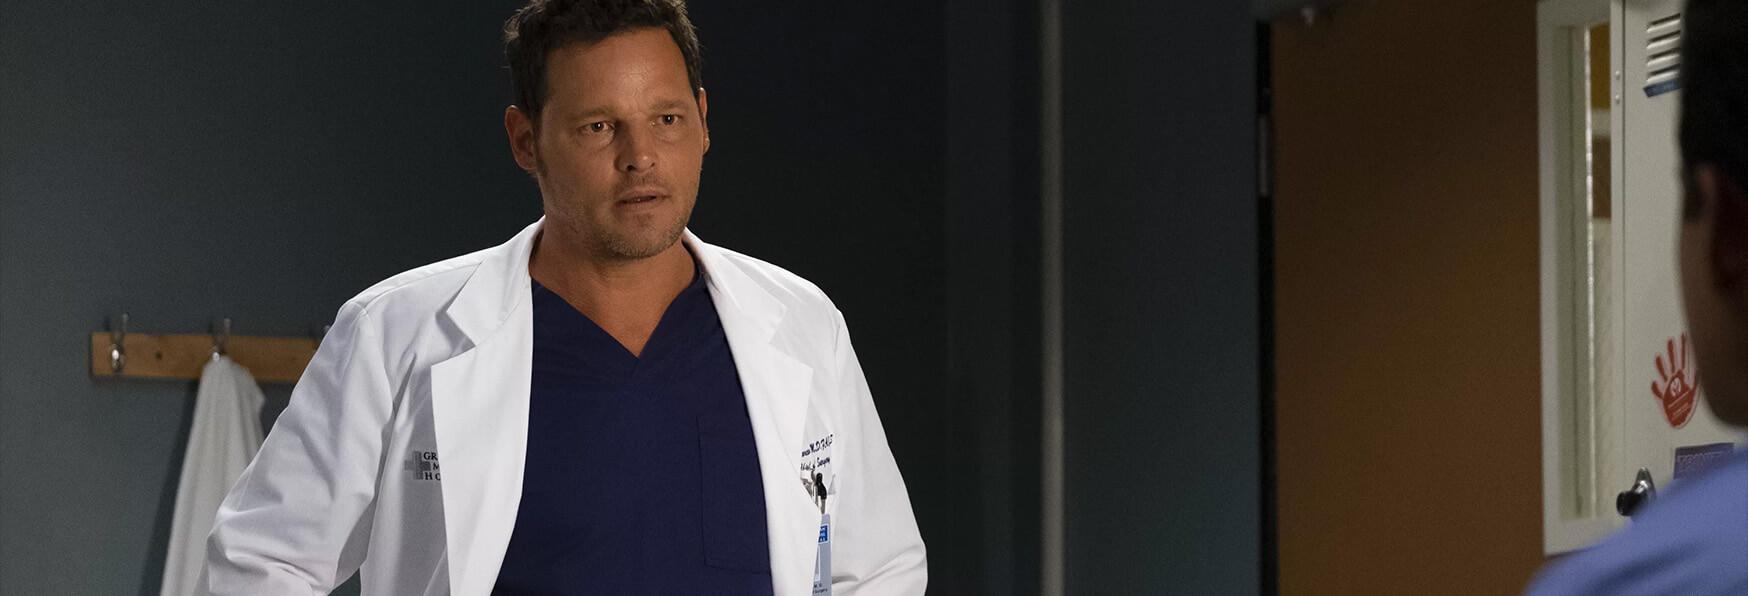 Recensione di Grey's Anatomy 15x03, Gut Feeling: il nuovo Boss Karev